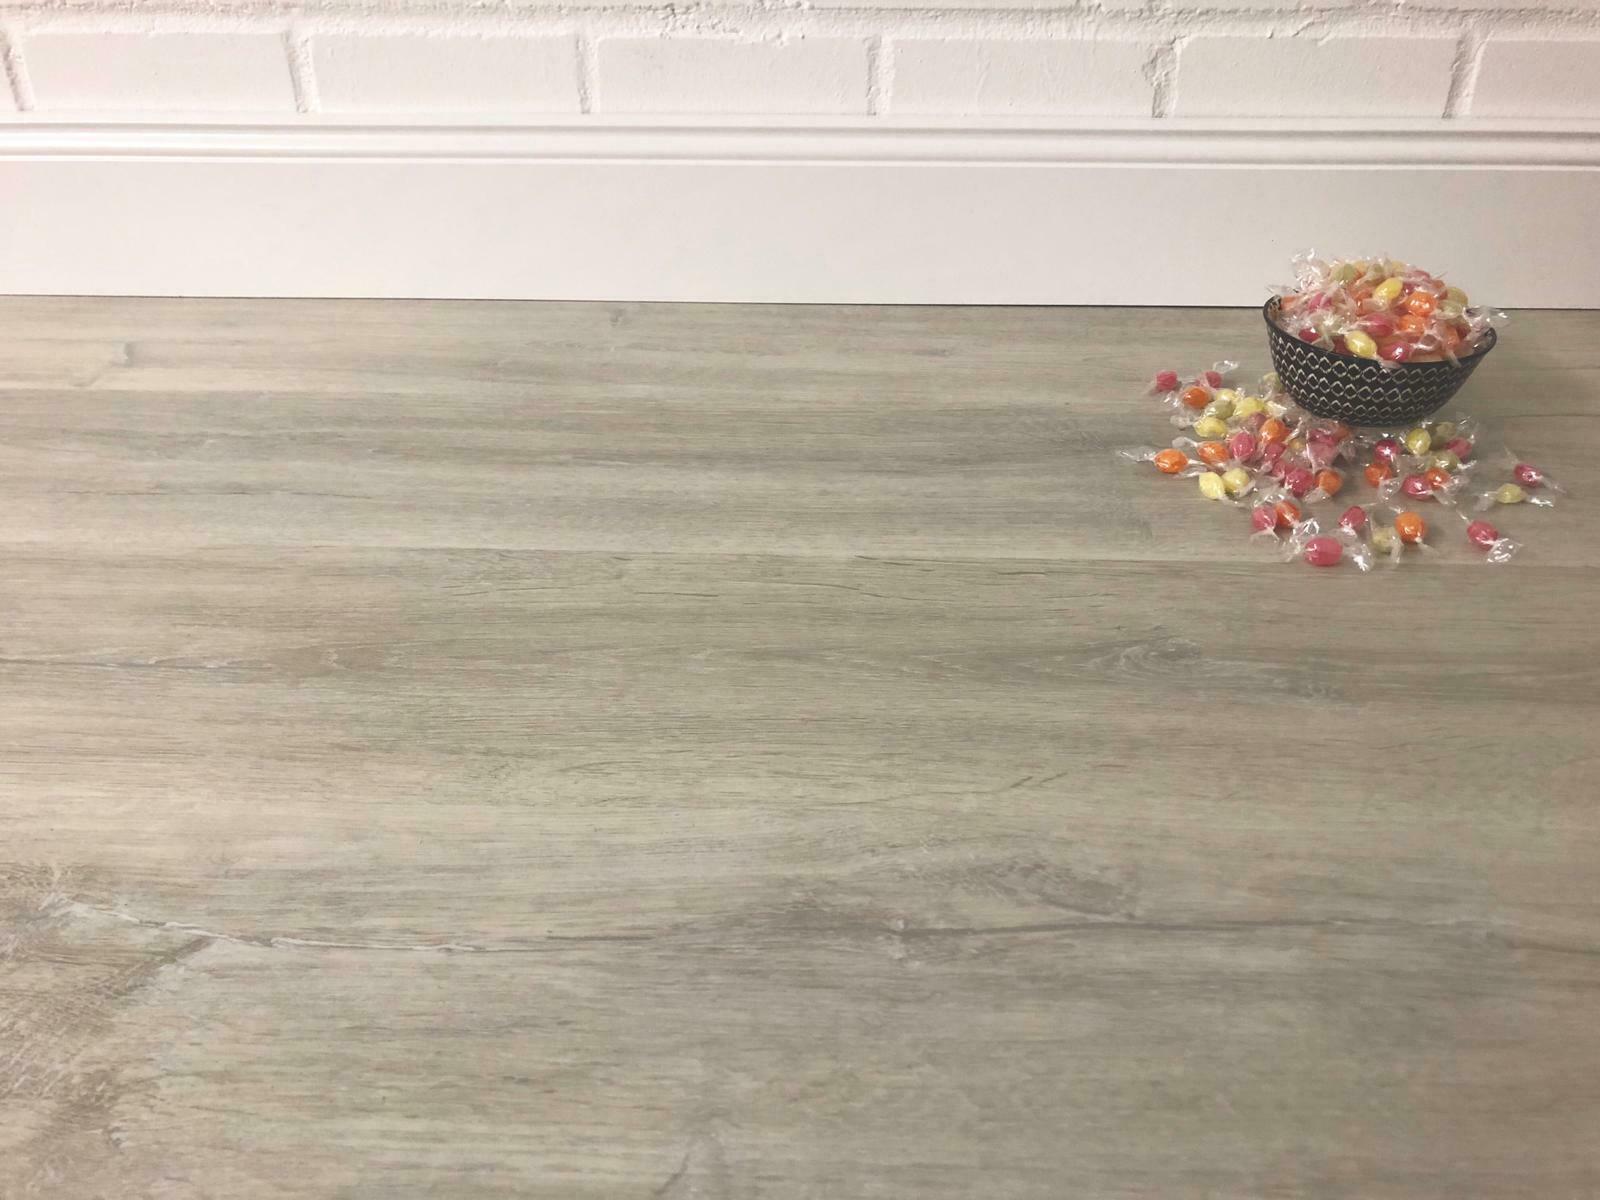 Full Size of Vinylboden Küche Grau Living Piment Eiche Weiss Landhausdiele Hdf Sideboard Holzregal Gardinen Für Die Sprüche Miniküche Im Bad Hochglanz Kreidetafel Sofa Wohnzimmer Vinylboden Küche Grau